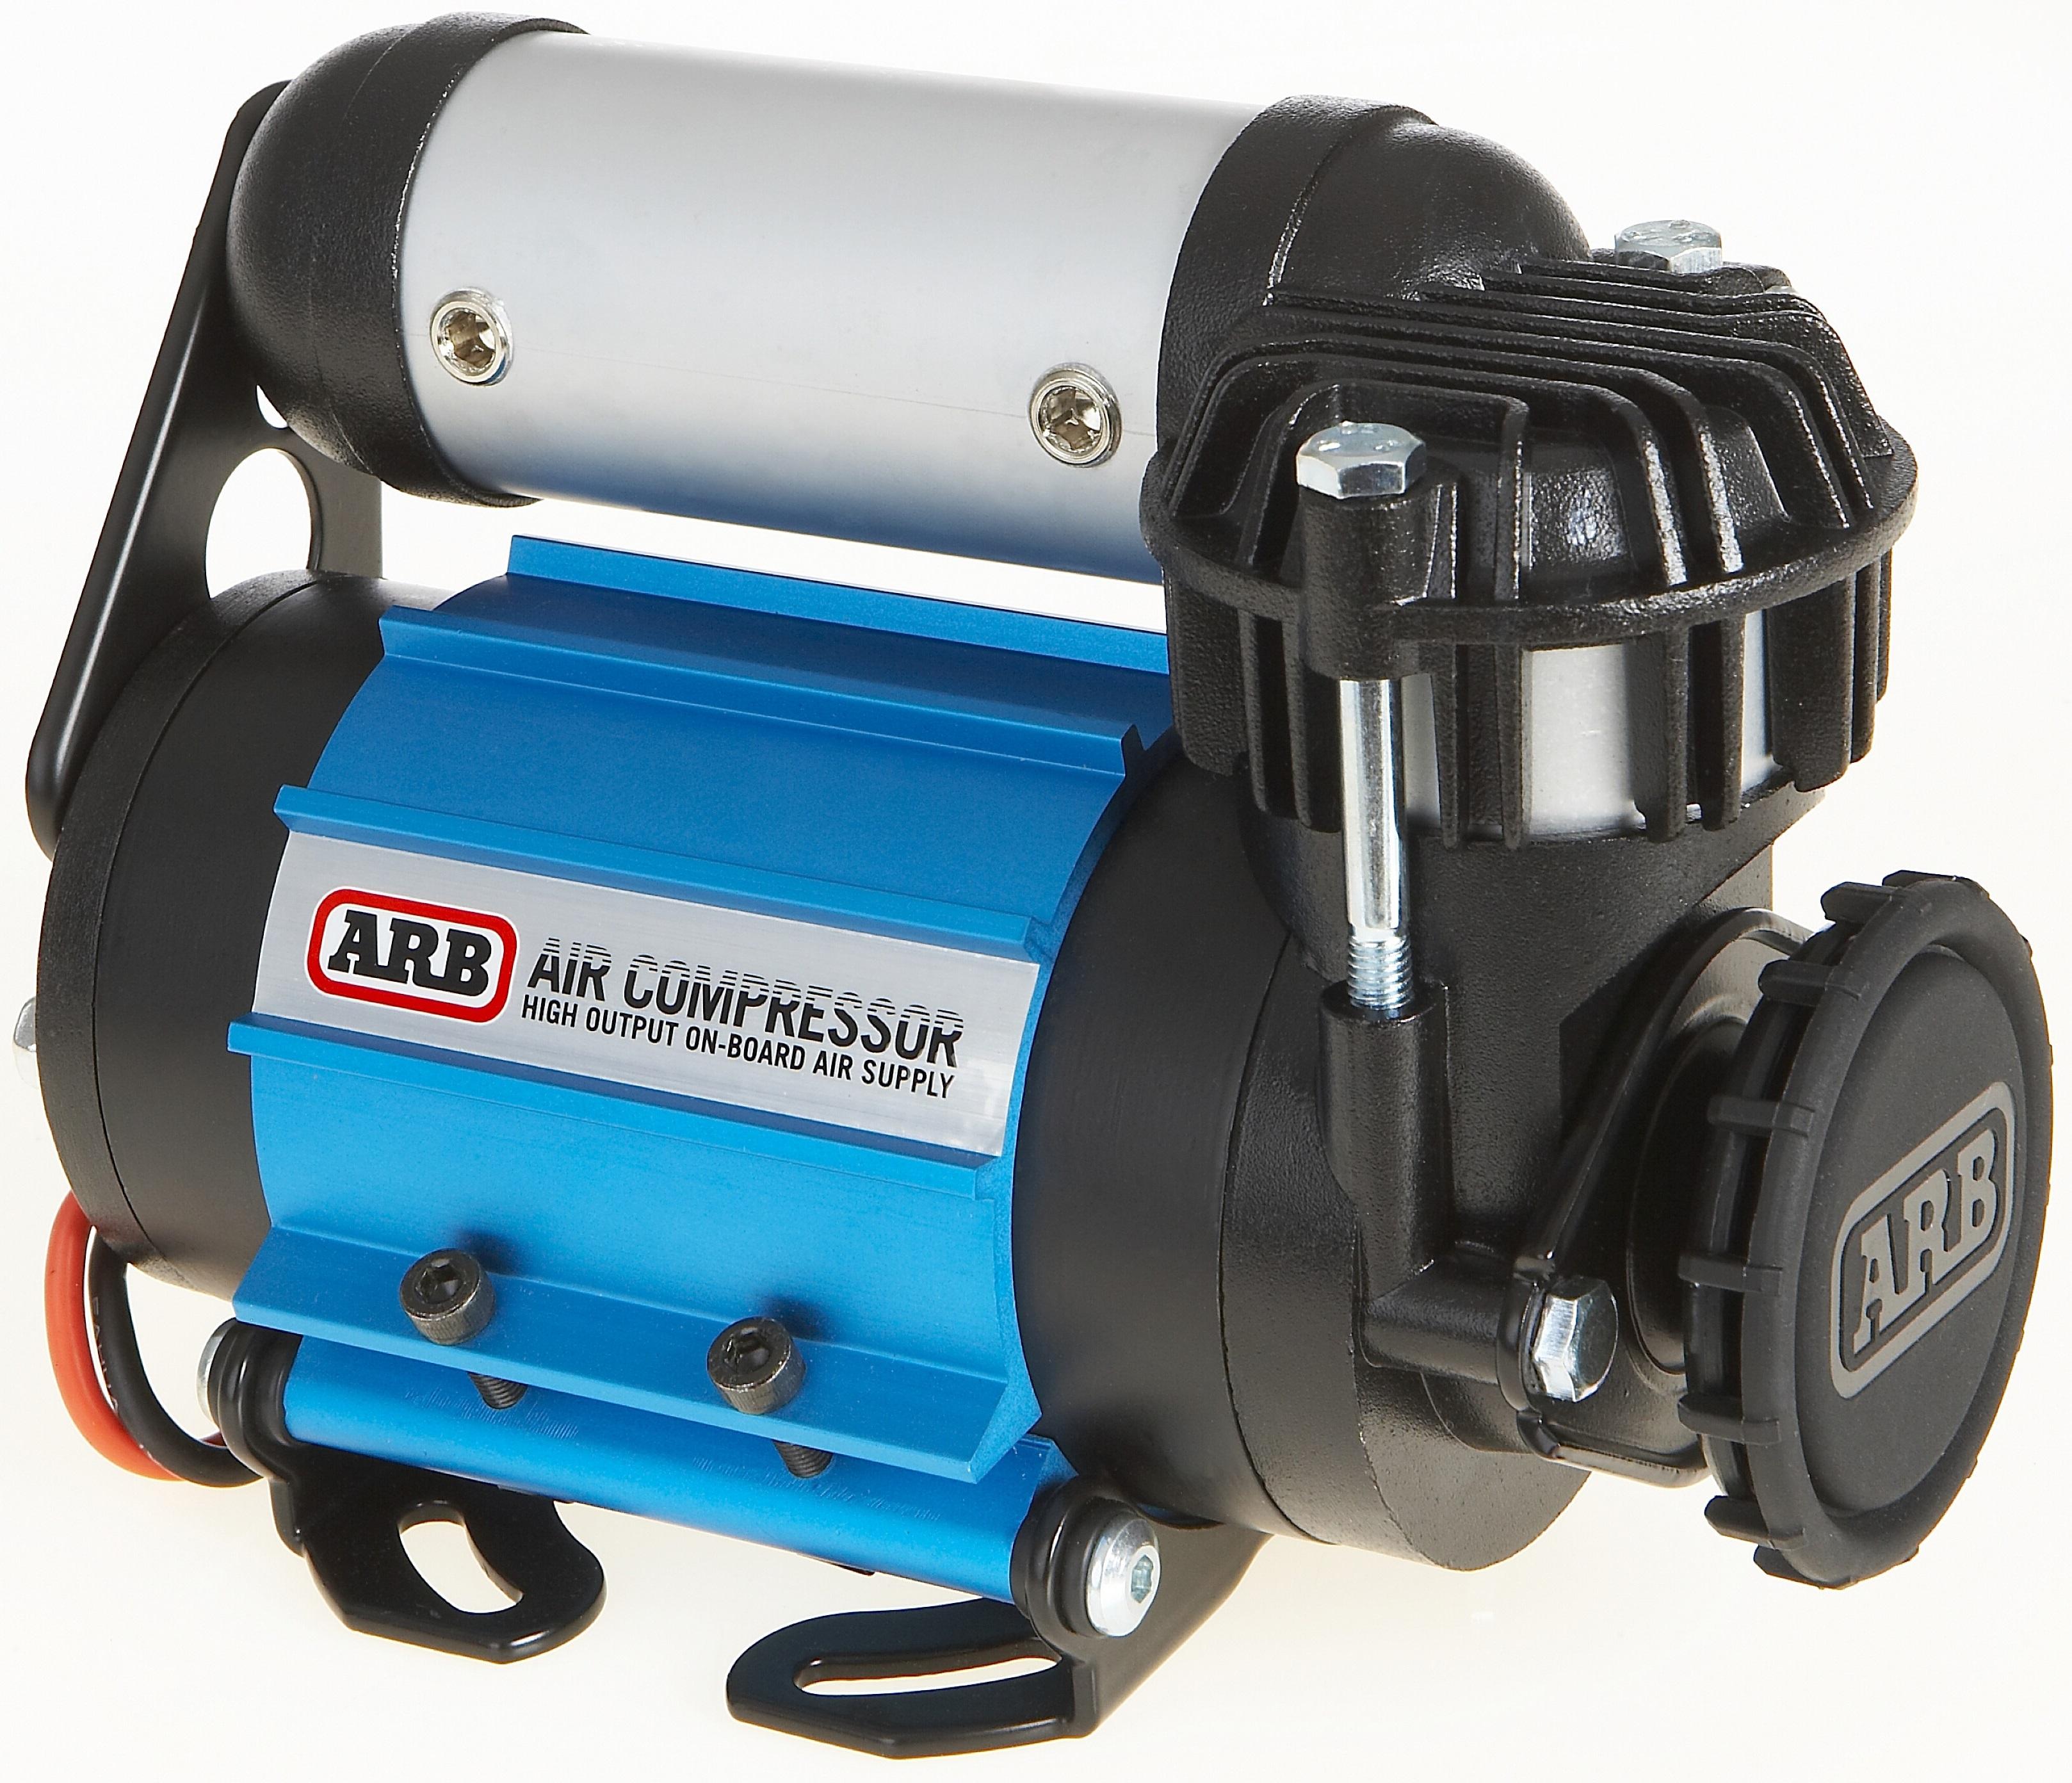 arb high output compressor 24v devon 4x4 ckma24 abl